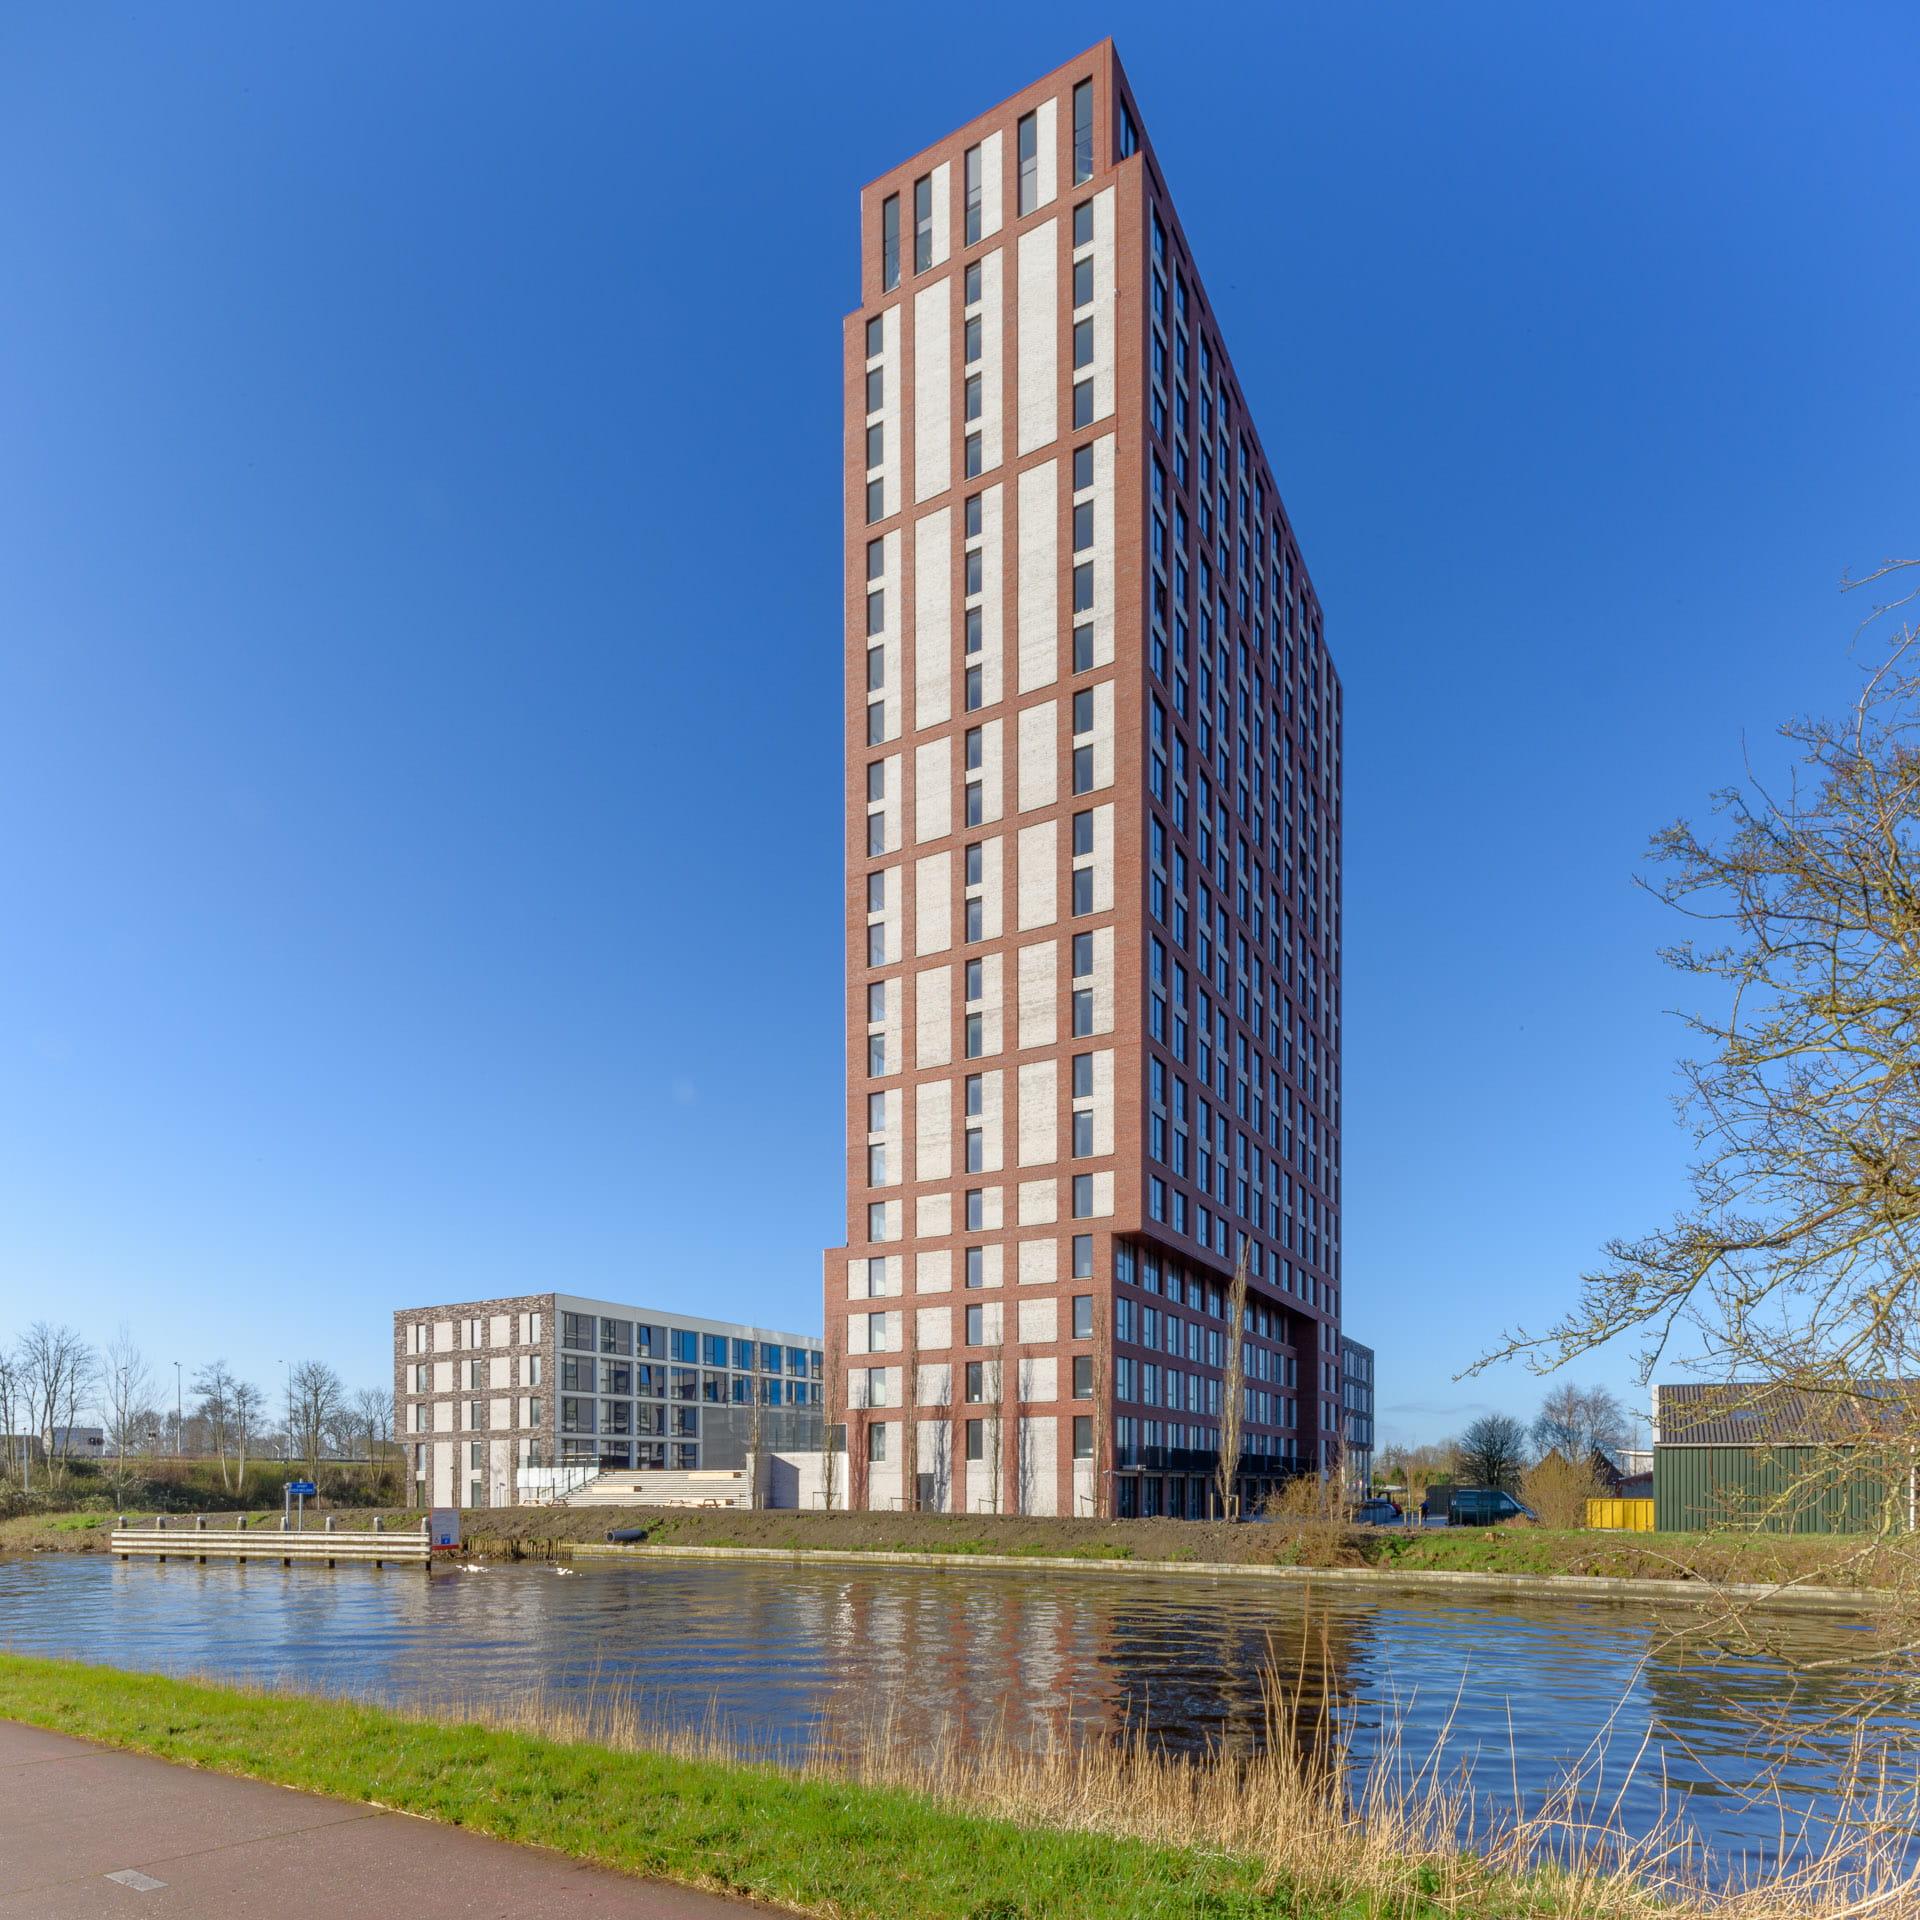 Een toren van rode en witte vlakken tegen een blauw lucht en op de voorgrond water